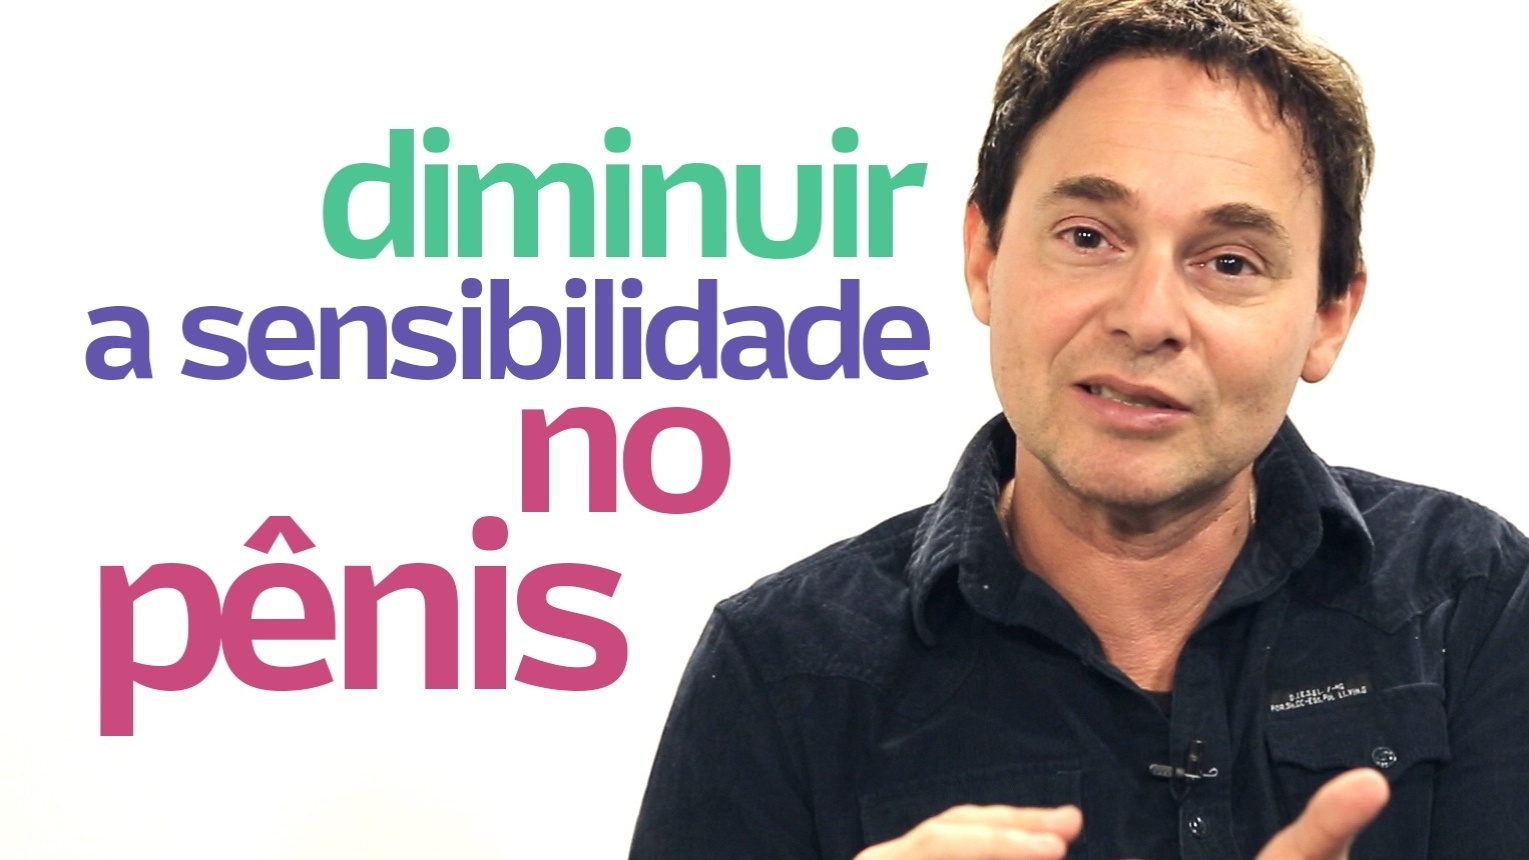 Dá para diminuir a sensibilidade da cabeça do pênis? Jairo Bouer responde -  11/09/2014 - UOL Notícias